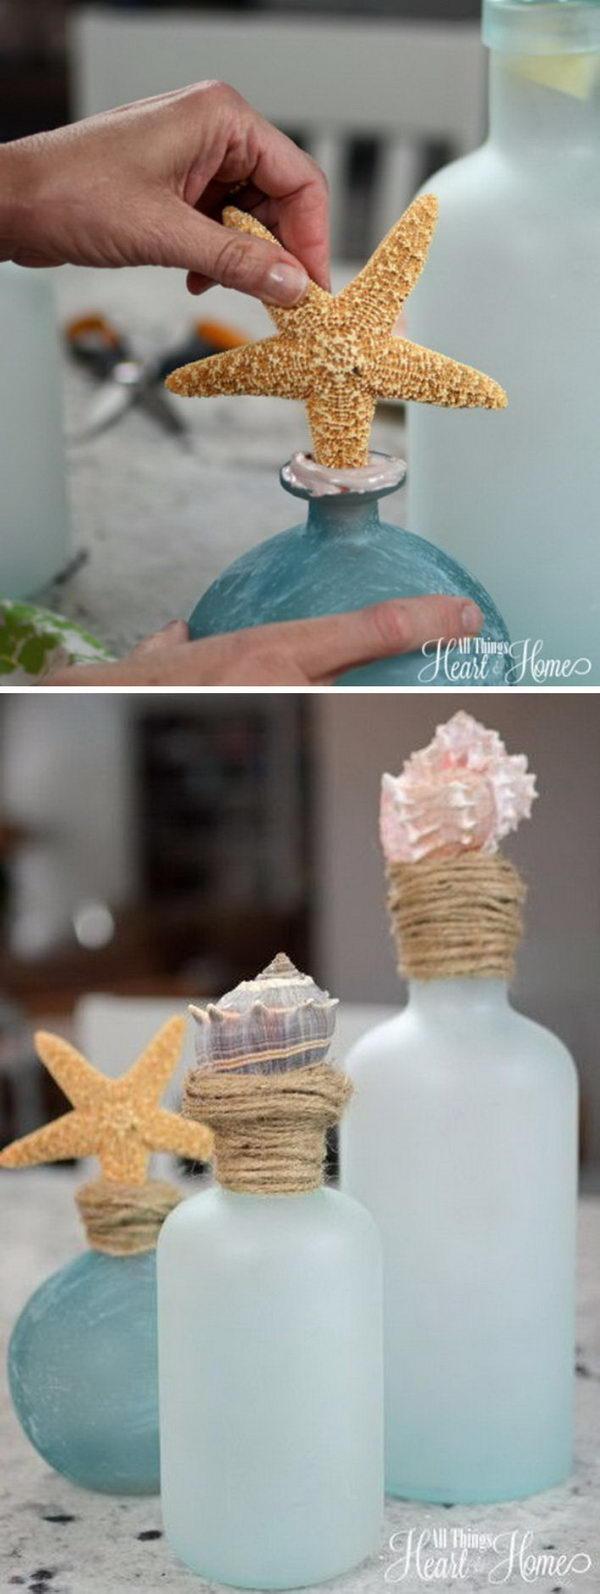 DIY Shell Topped Bottles.